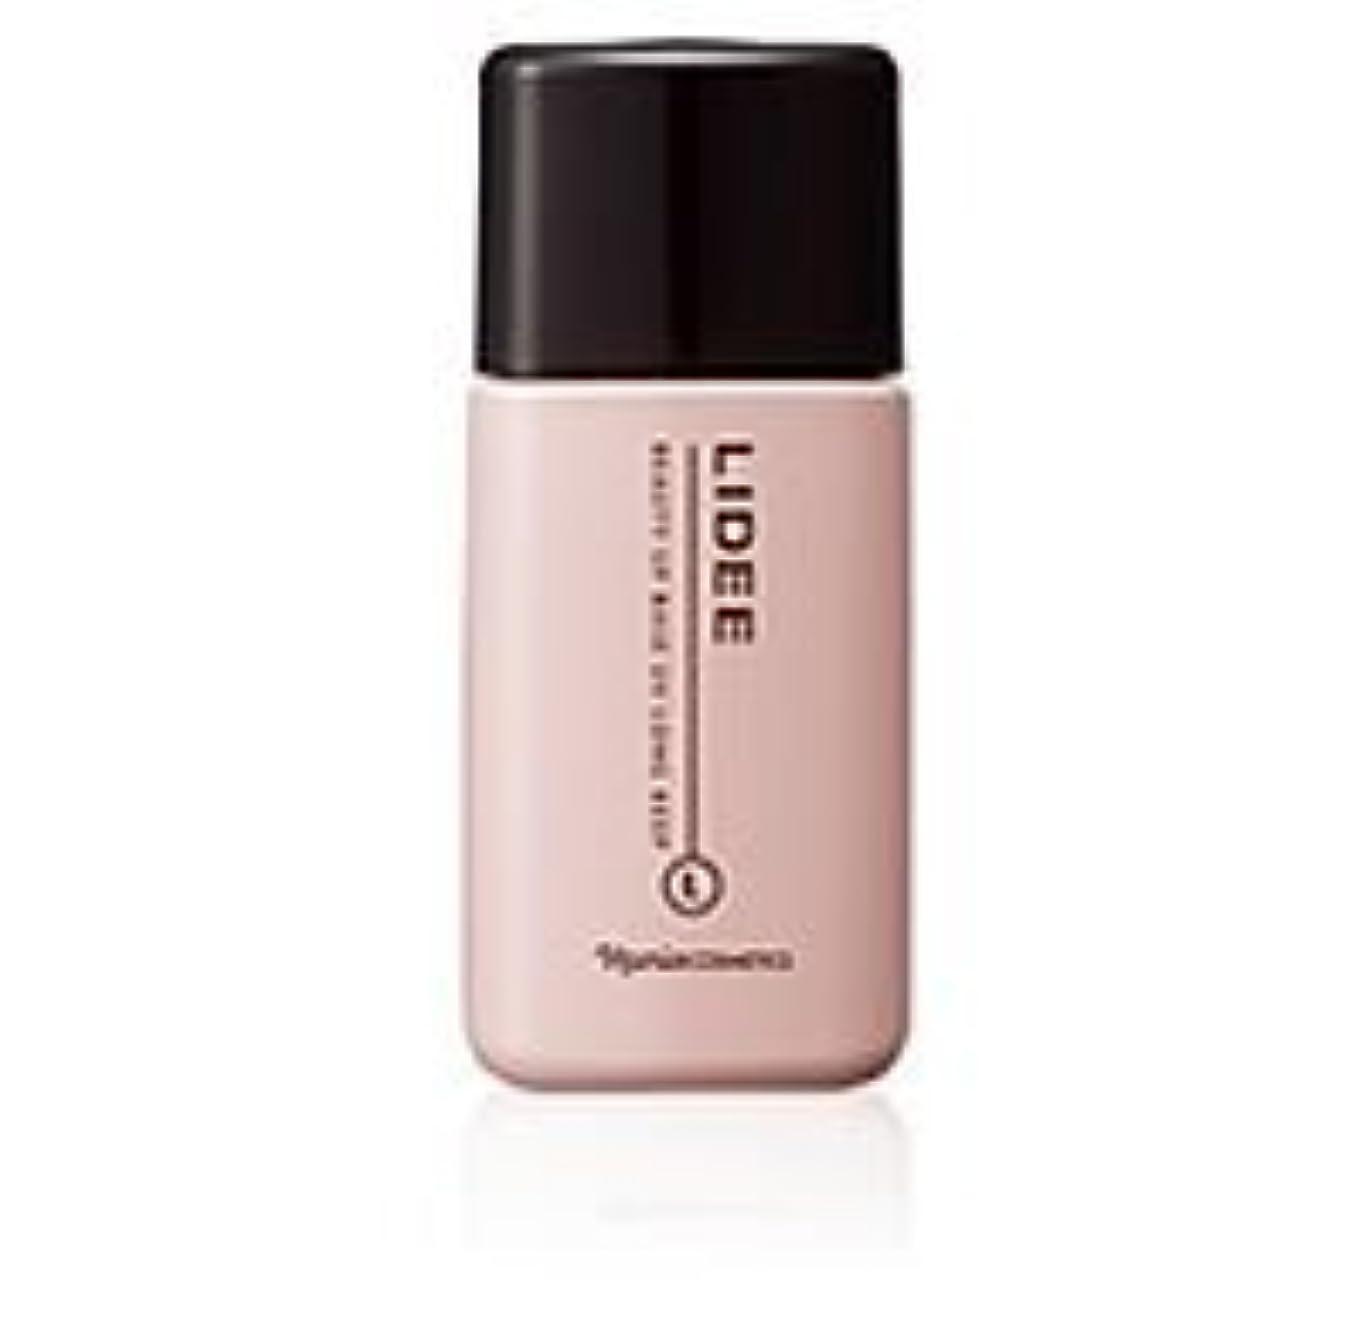 電気さようならオリエンタルナリス リディ メーキャップ ベース UV ロングキープ (化粧下地) 27ml (ベージュ)